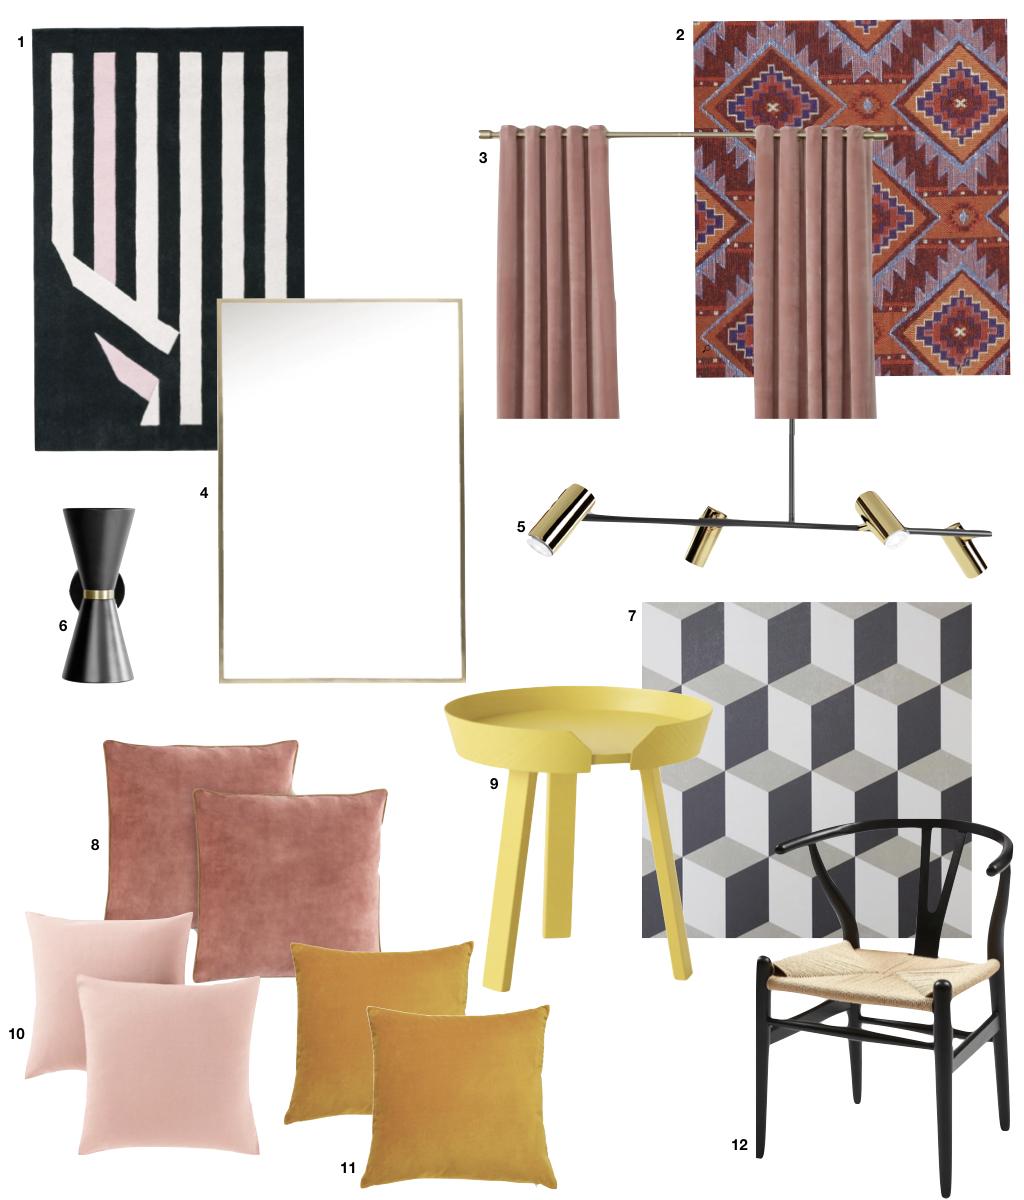 maison anglaise déco éclectique jaune rose design géométrique